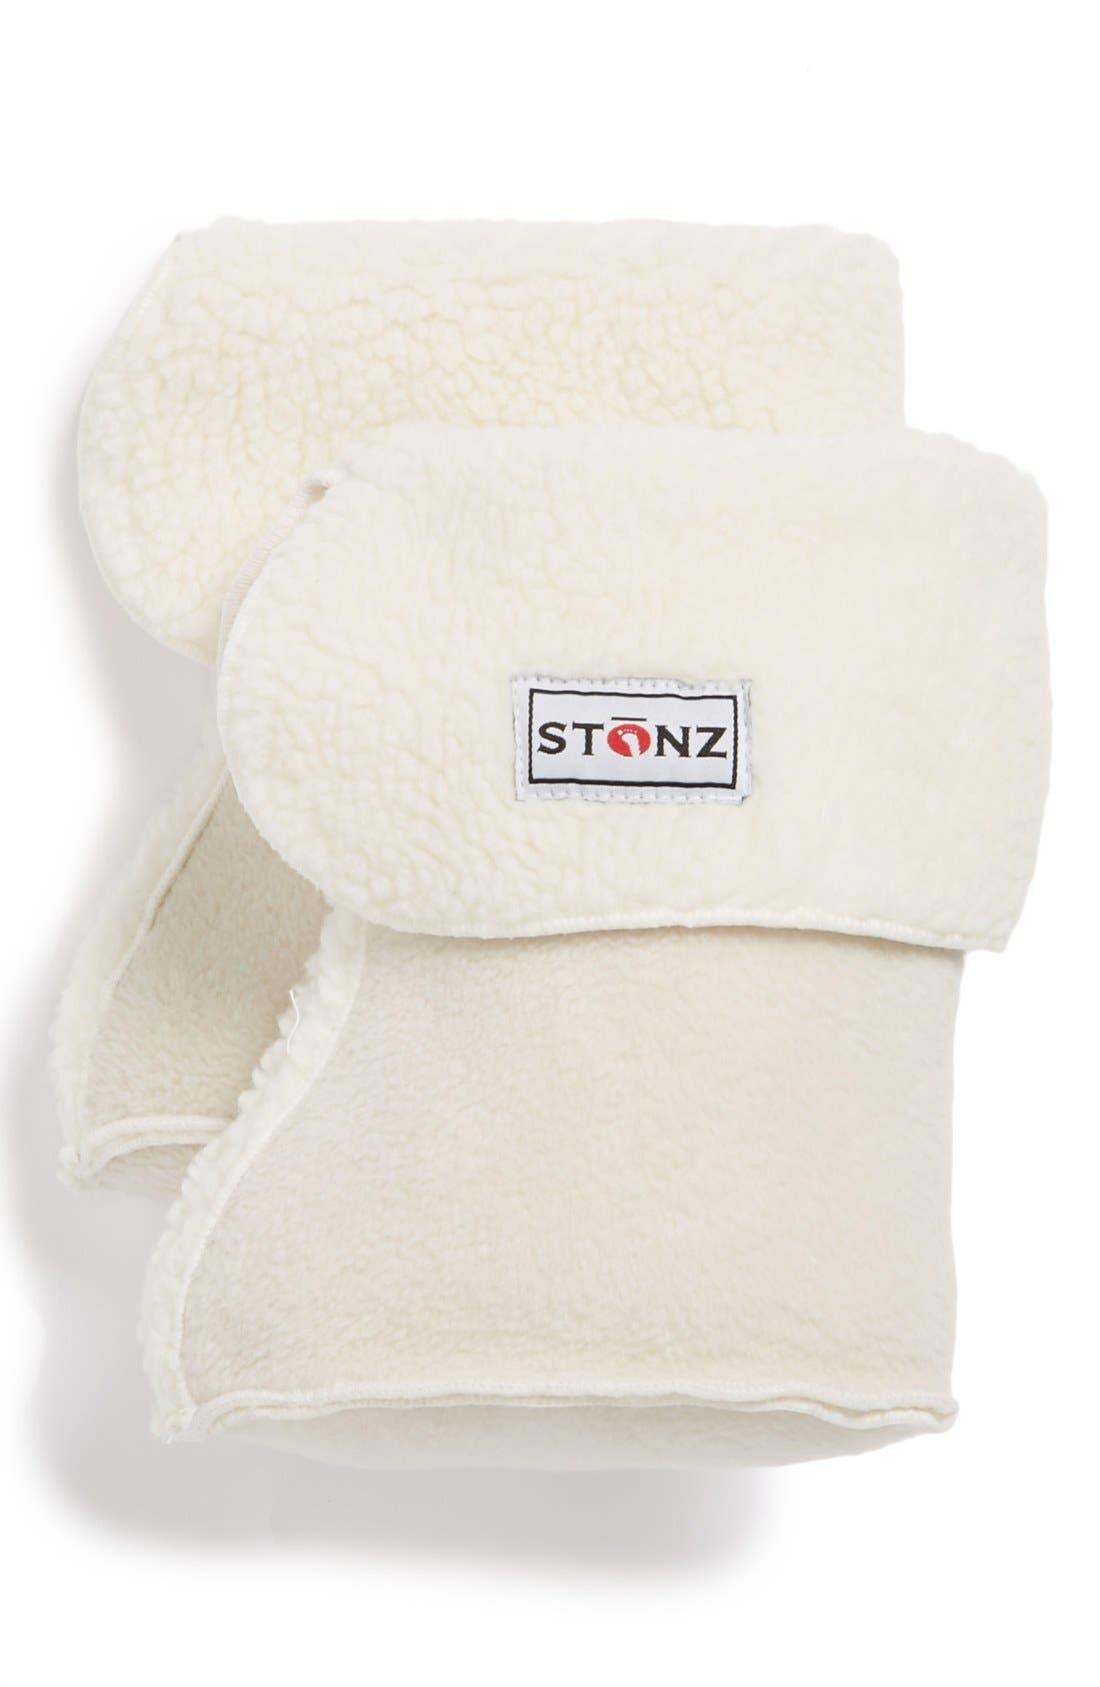 Alternate Image 1 Selected - Stonz 'Linerz' Fleece Bootie Liners (Baby & Walker)